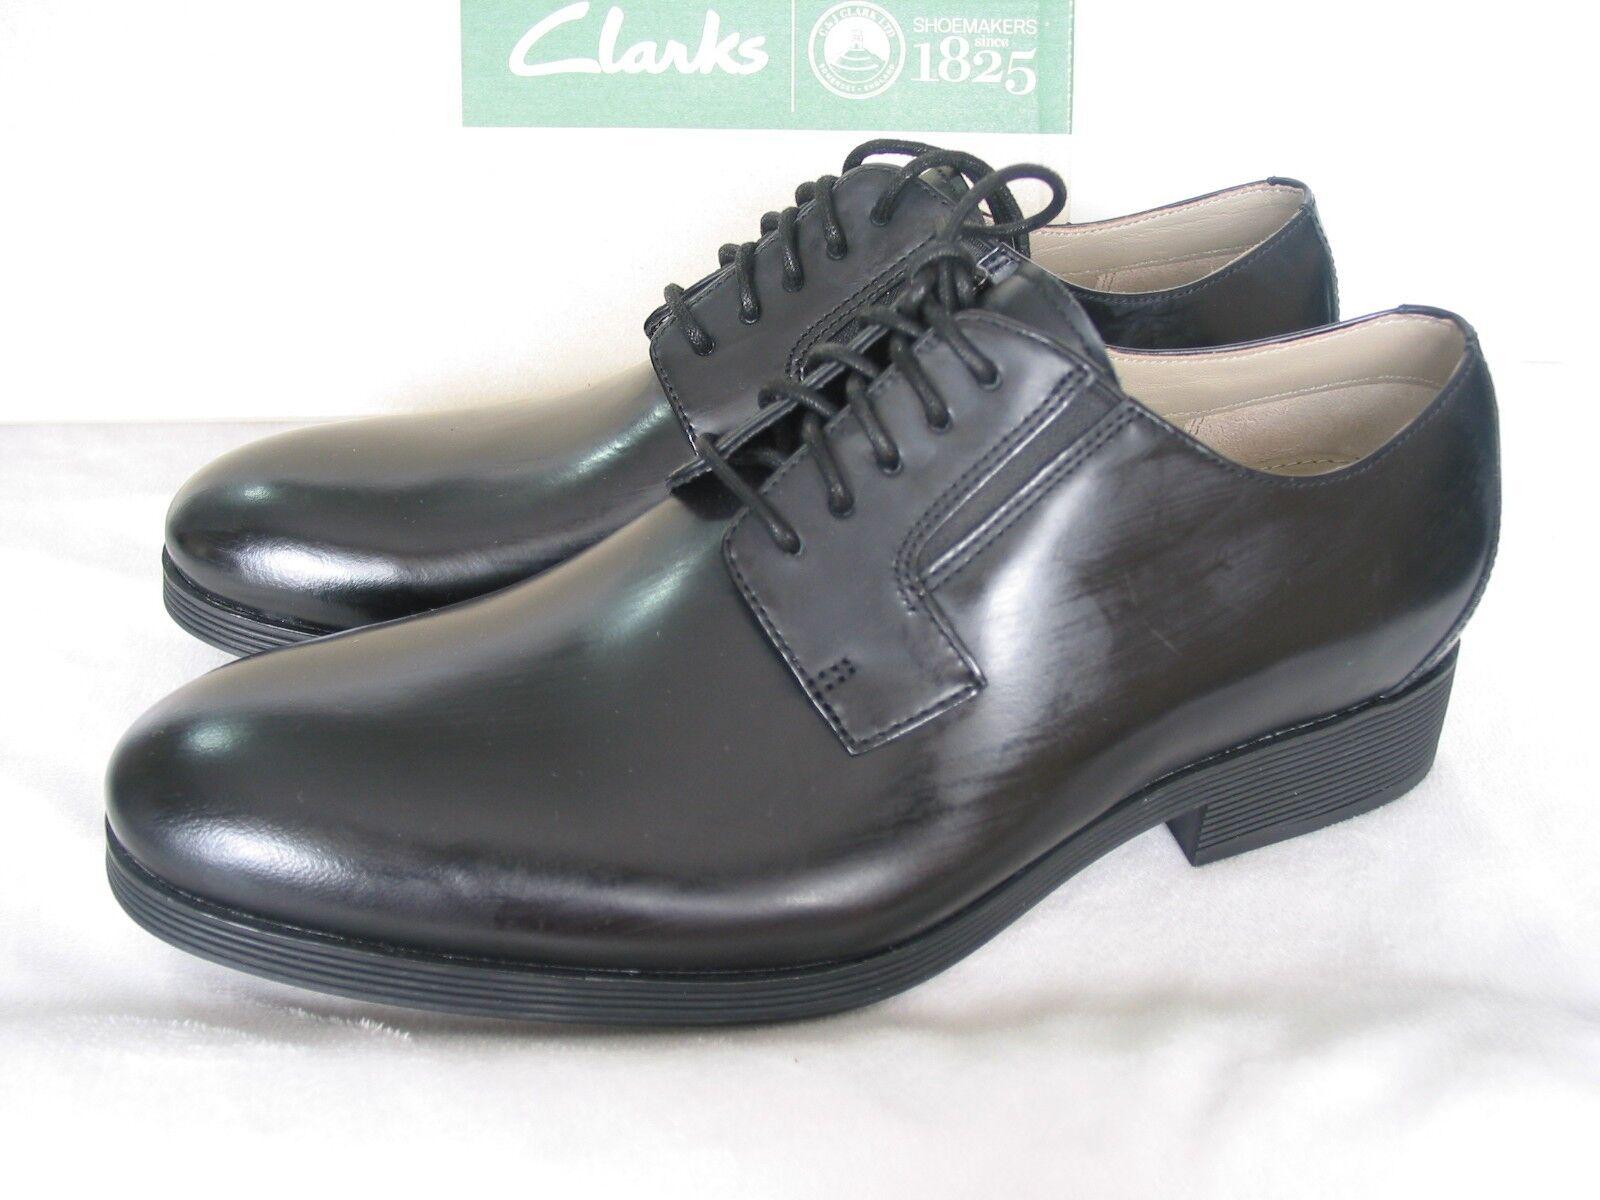 Nuevo Para hombres Cuero Negro Clarks gabwell Walk brillante zapatos talla 7 G Ajuste